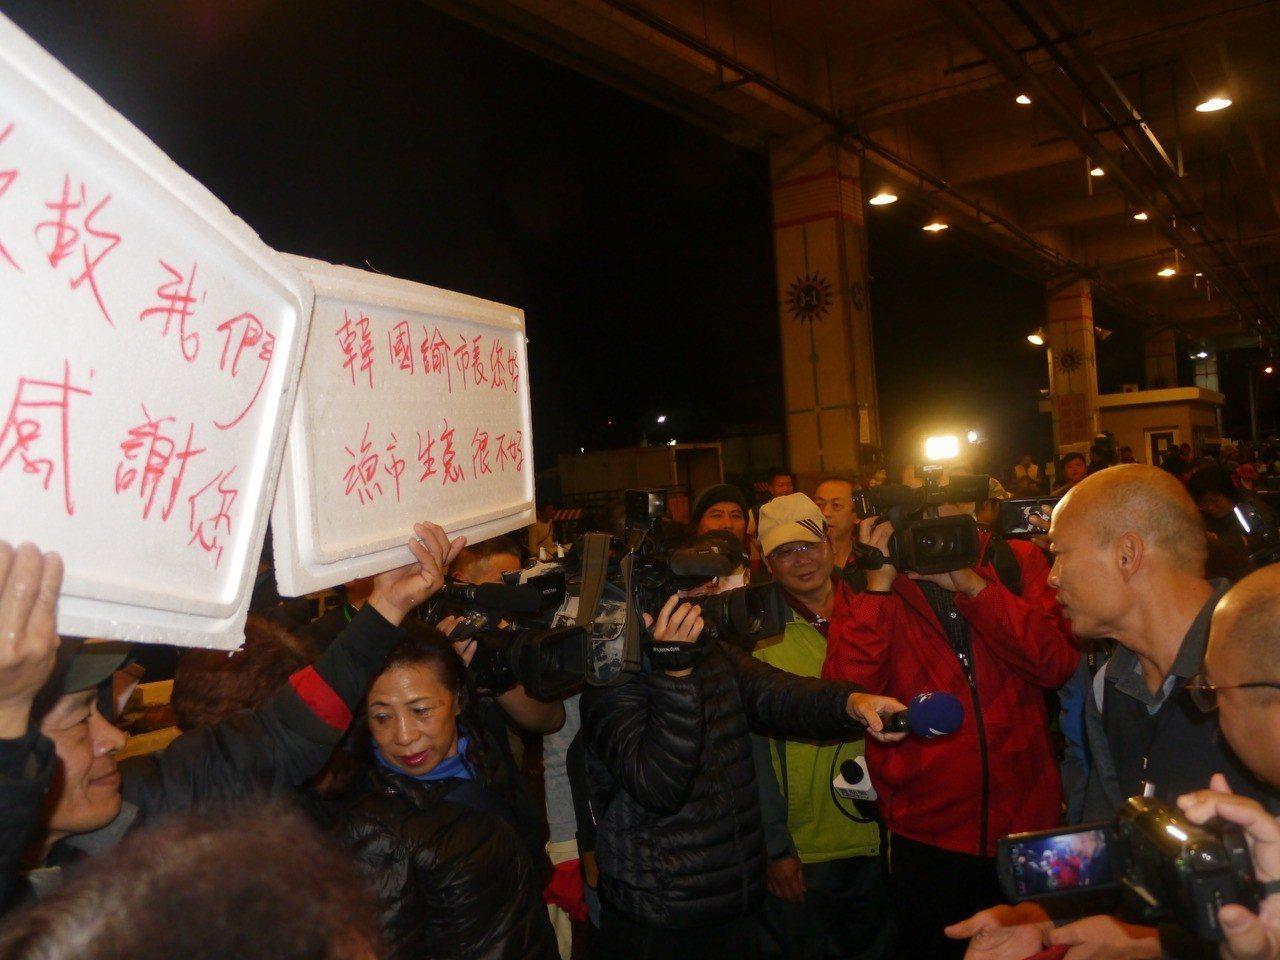 前鎮魚市場攤商在保麗龍板上寫上歡迎詞,也反映生意不好做。記者徐白櫻/攝影